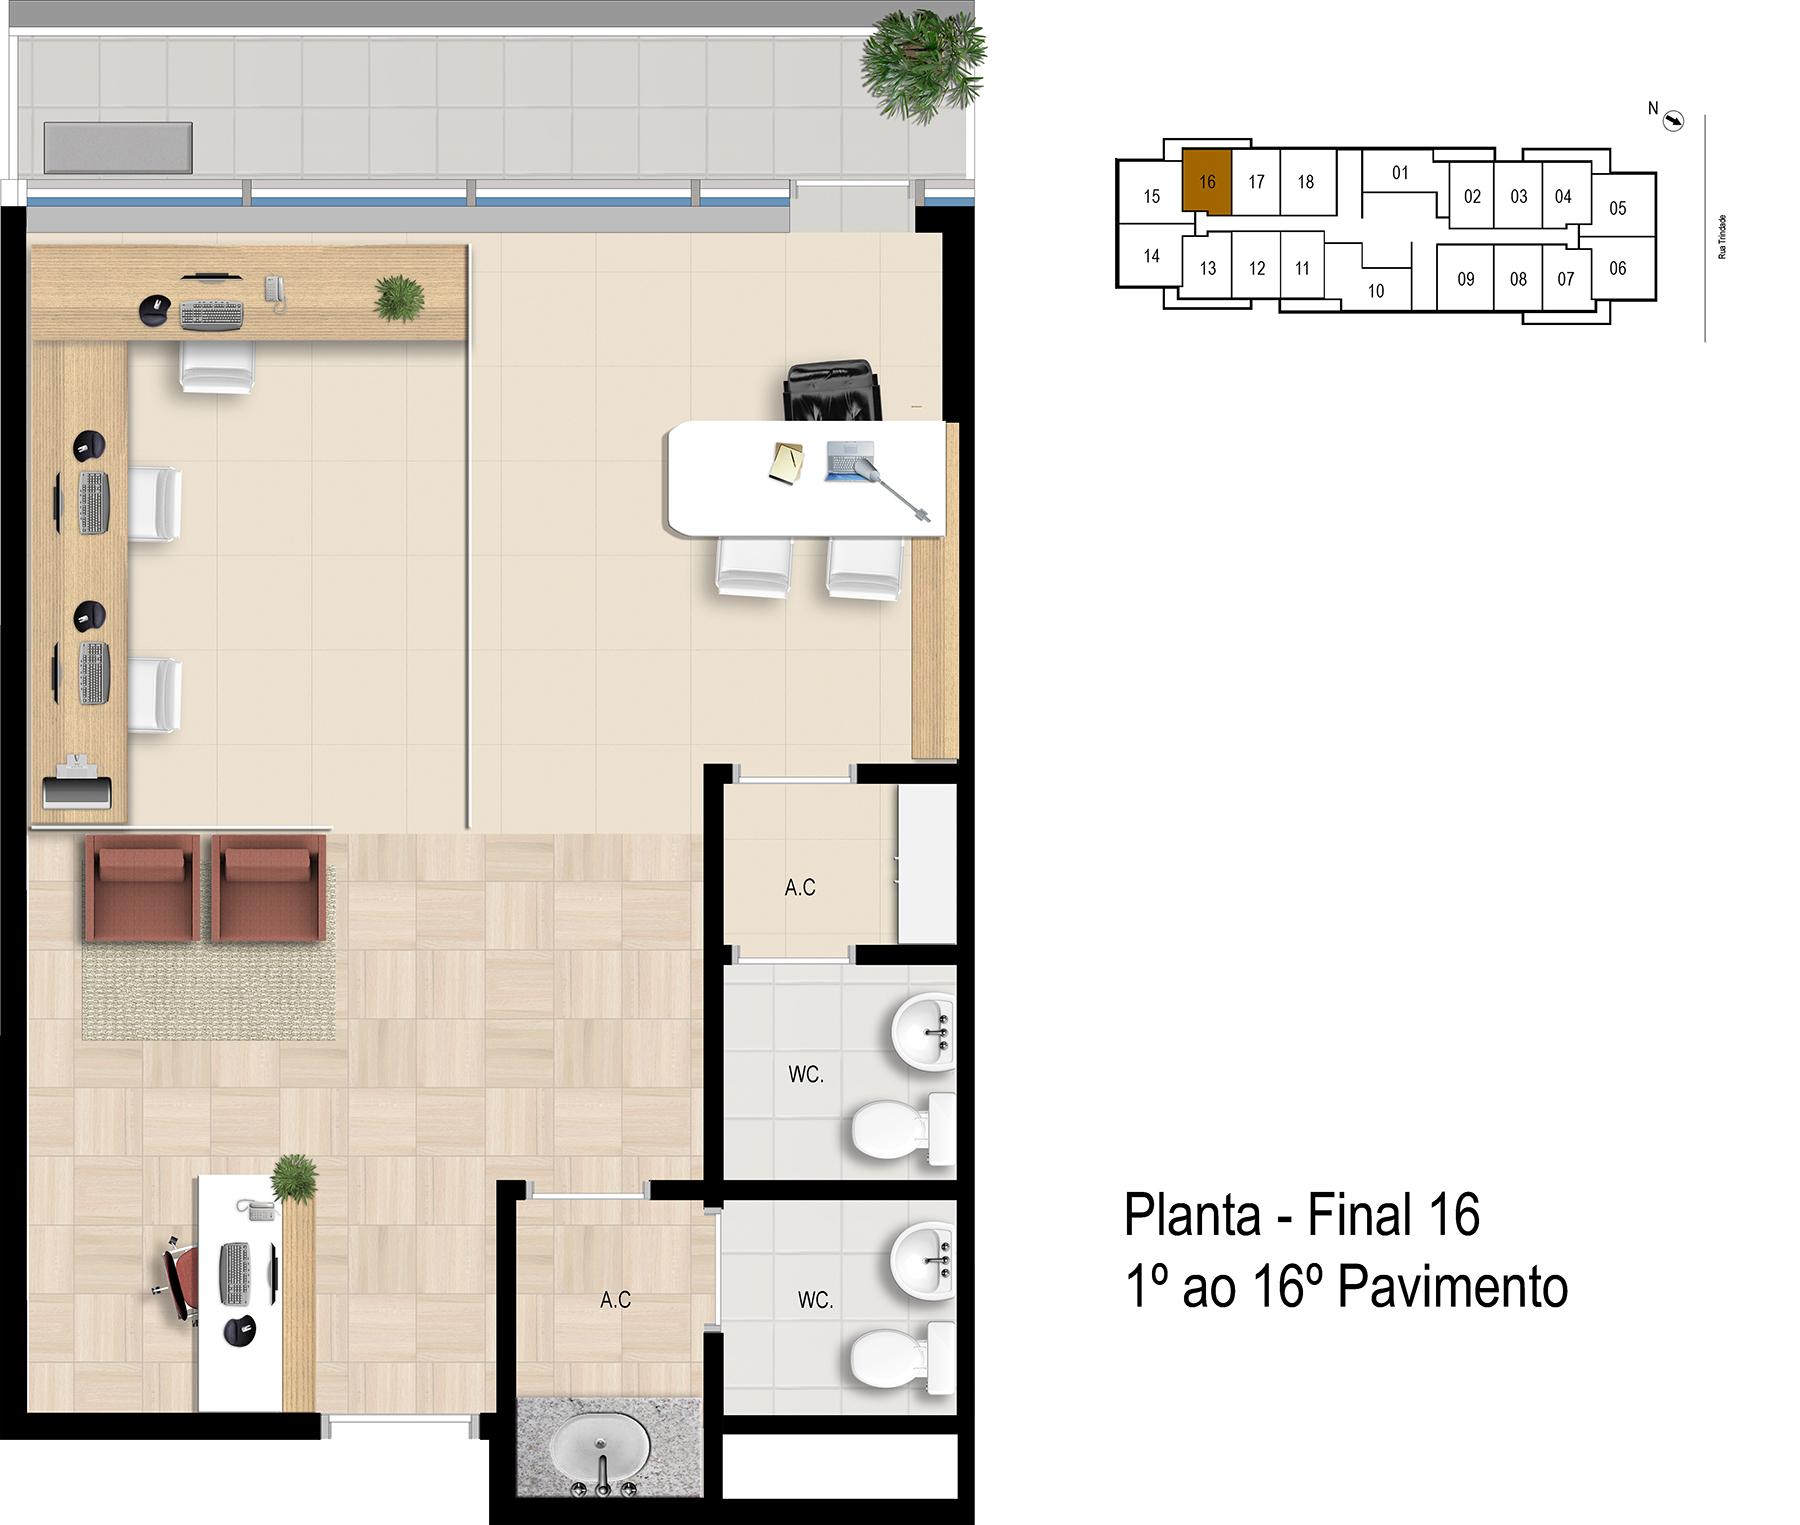 Final 16 - 1° ao 16° Pavimento Office Bethaville